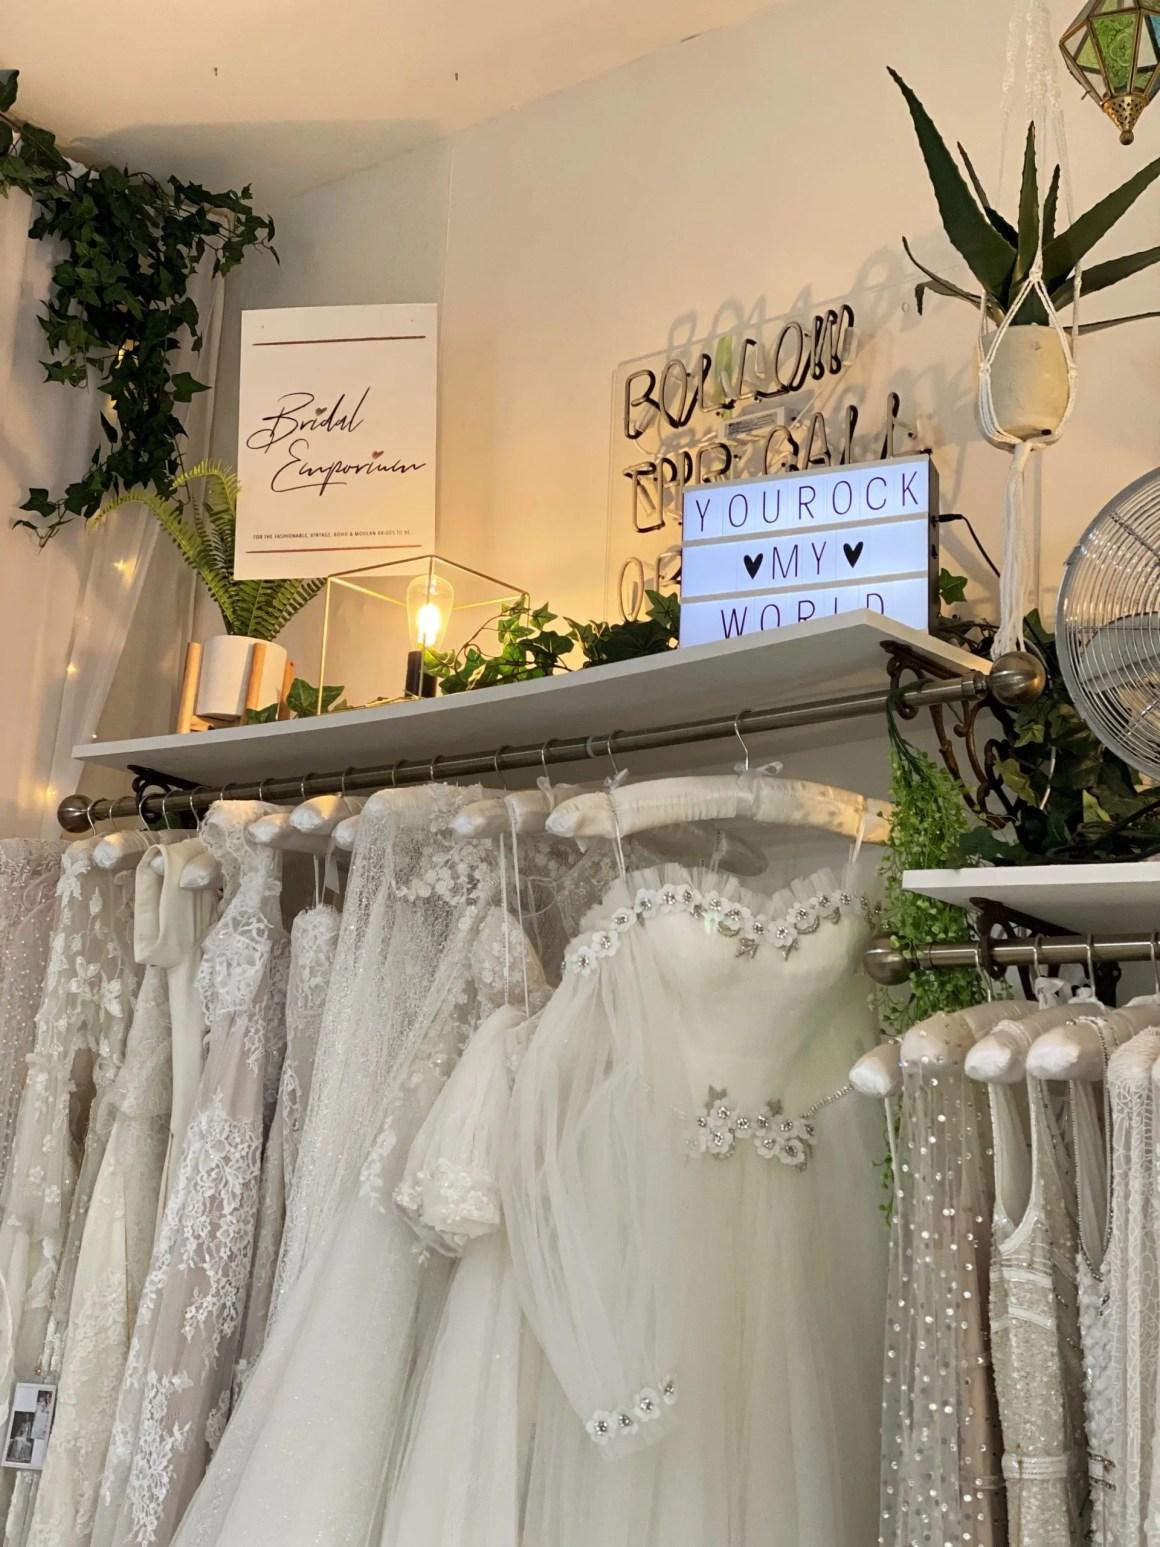 Bridal Emporium Leeds